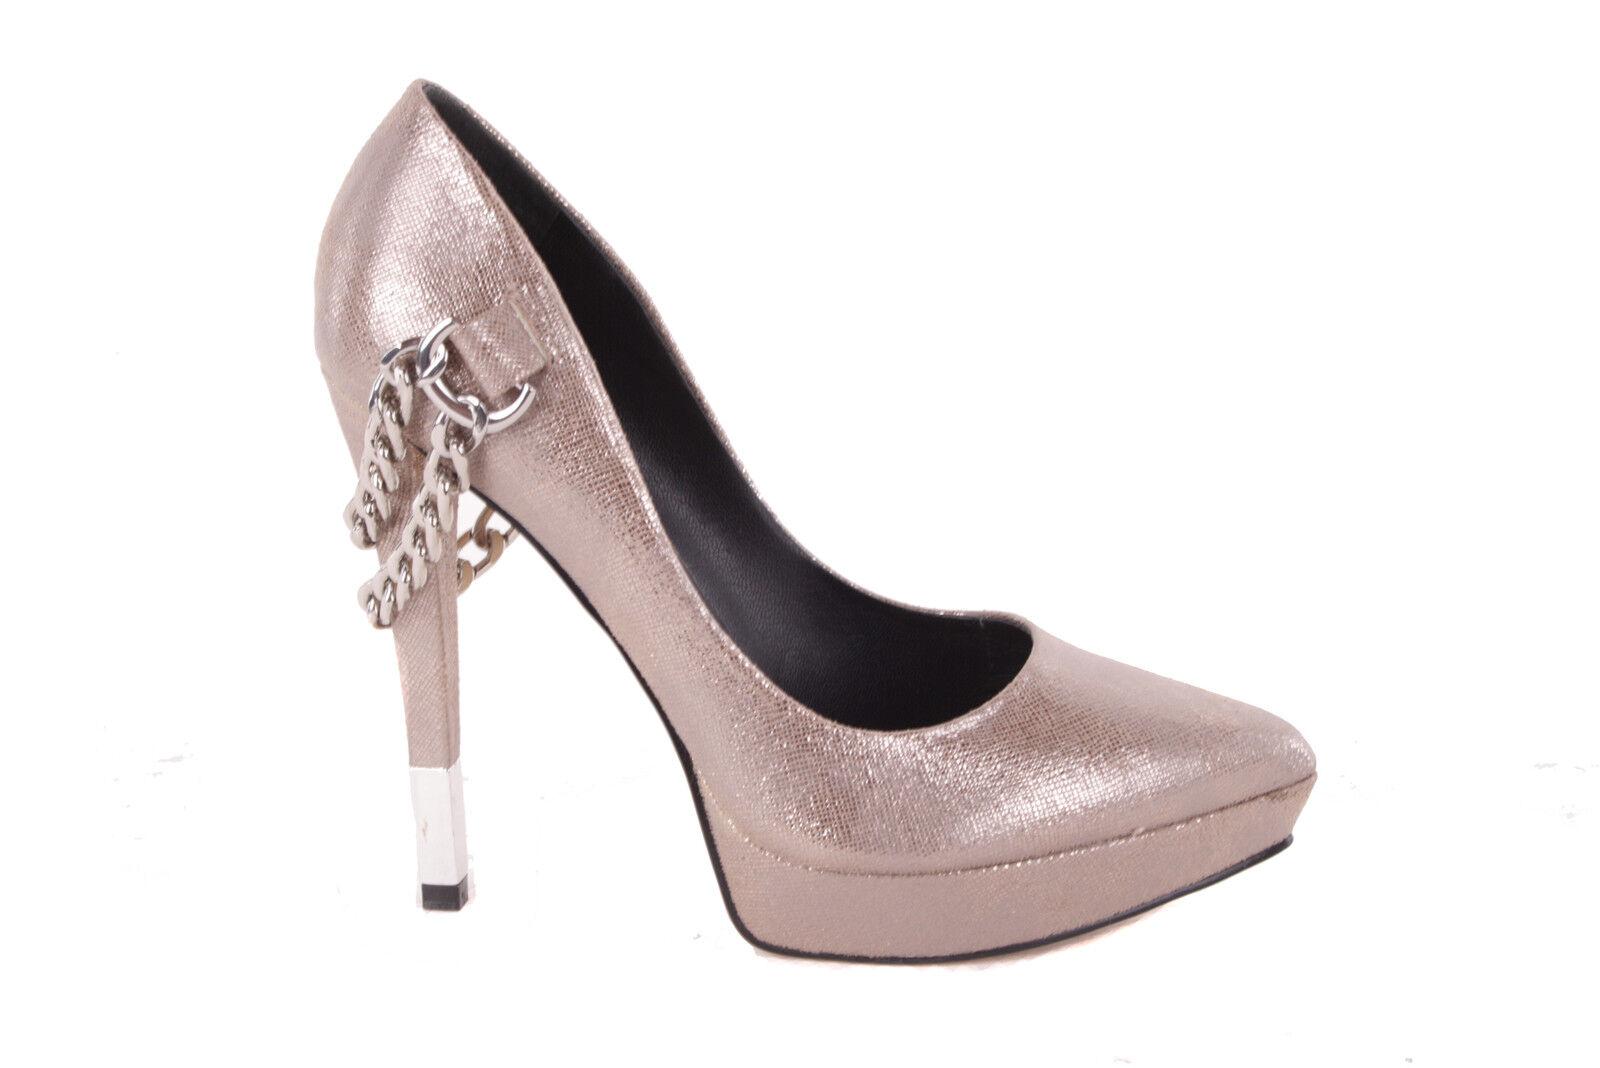 Descuento de liquidación GUESS Damen Pumps Highheels Stilettos Bronze #525